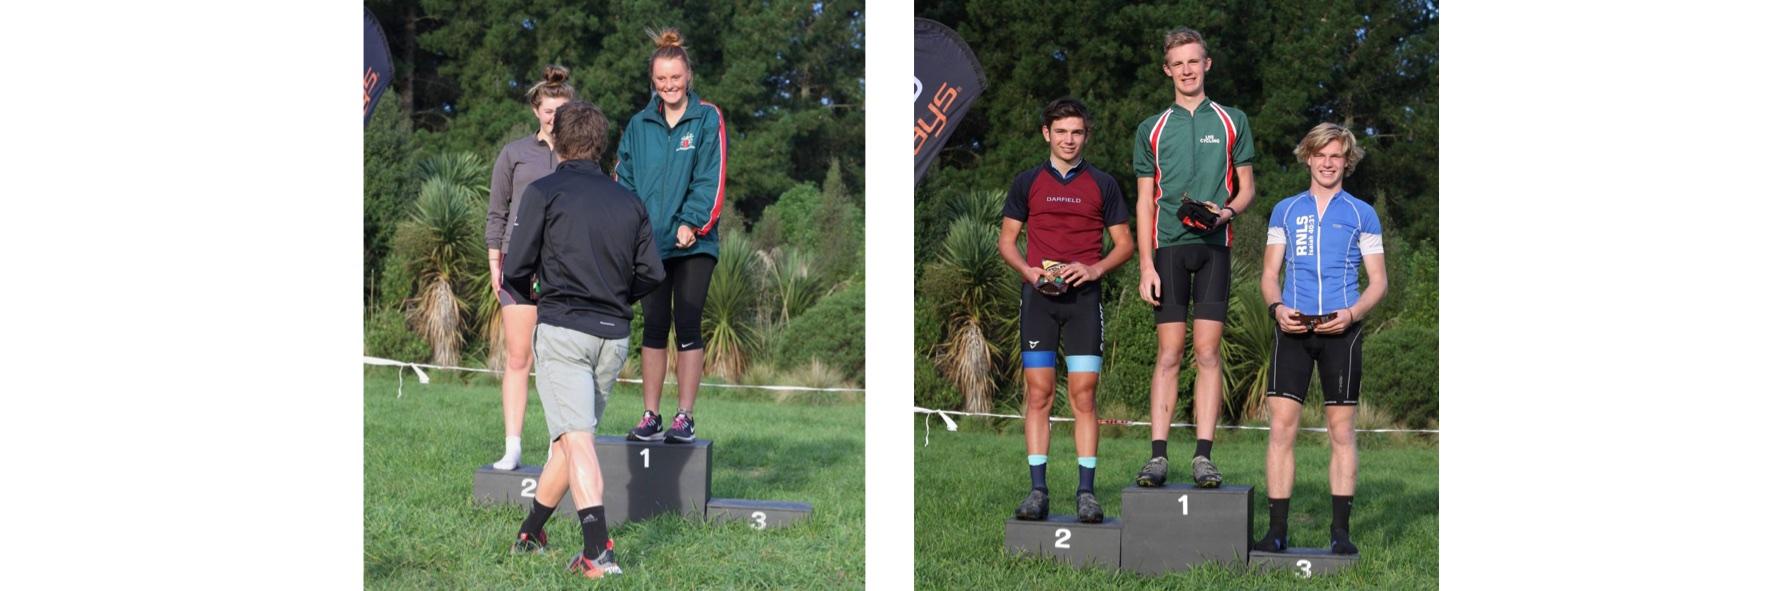 16 podium